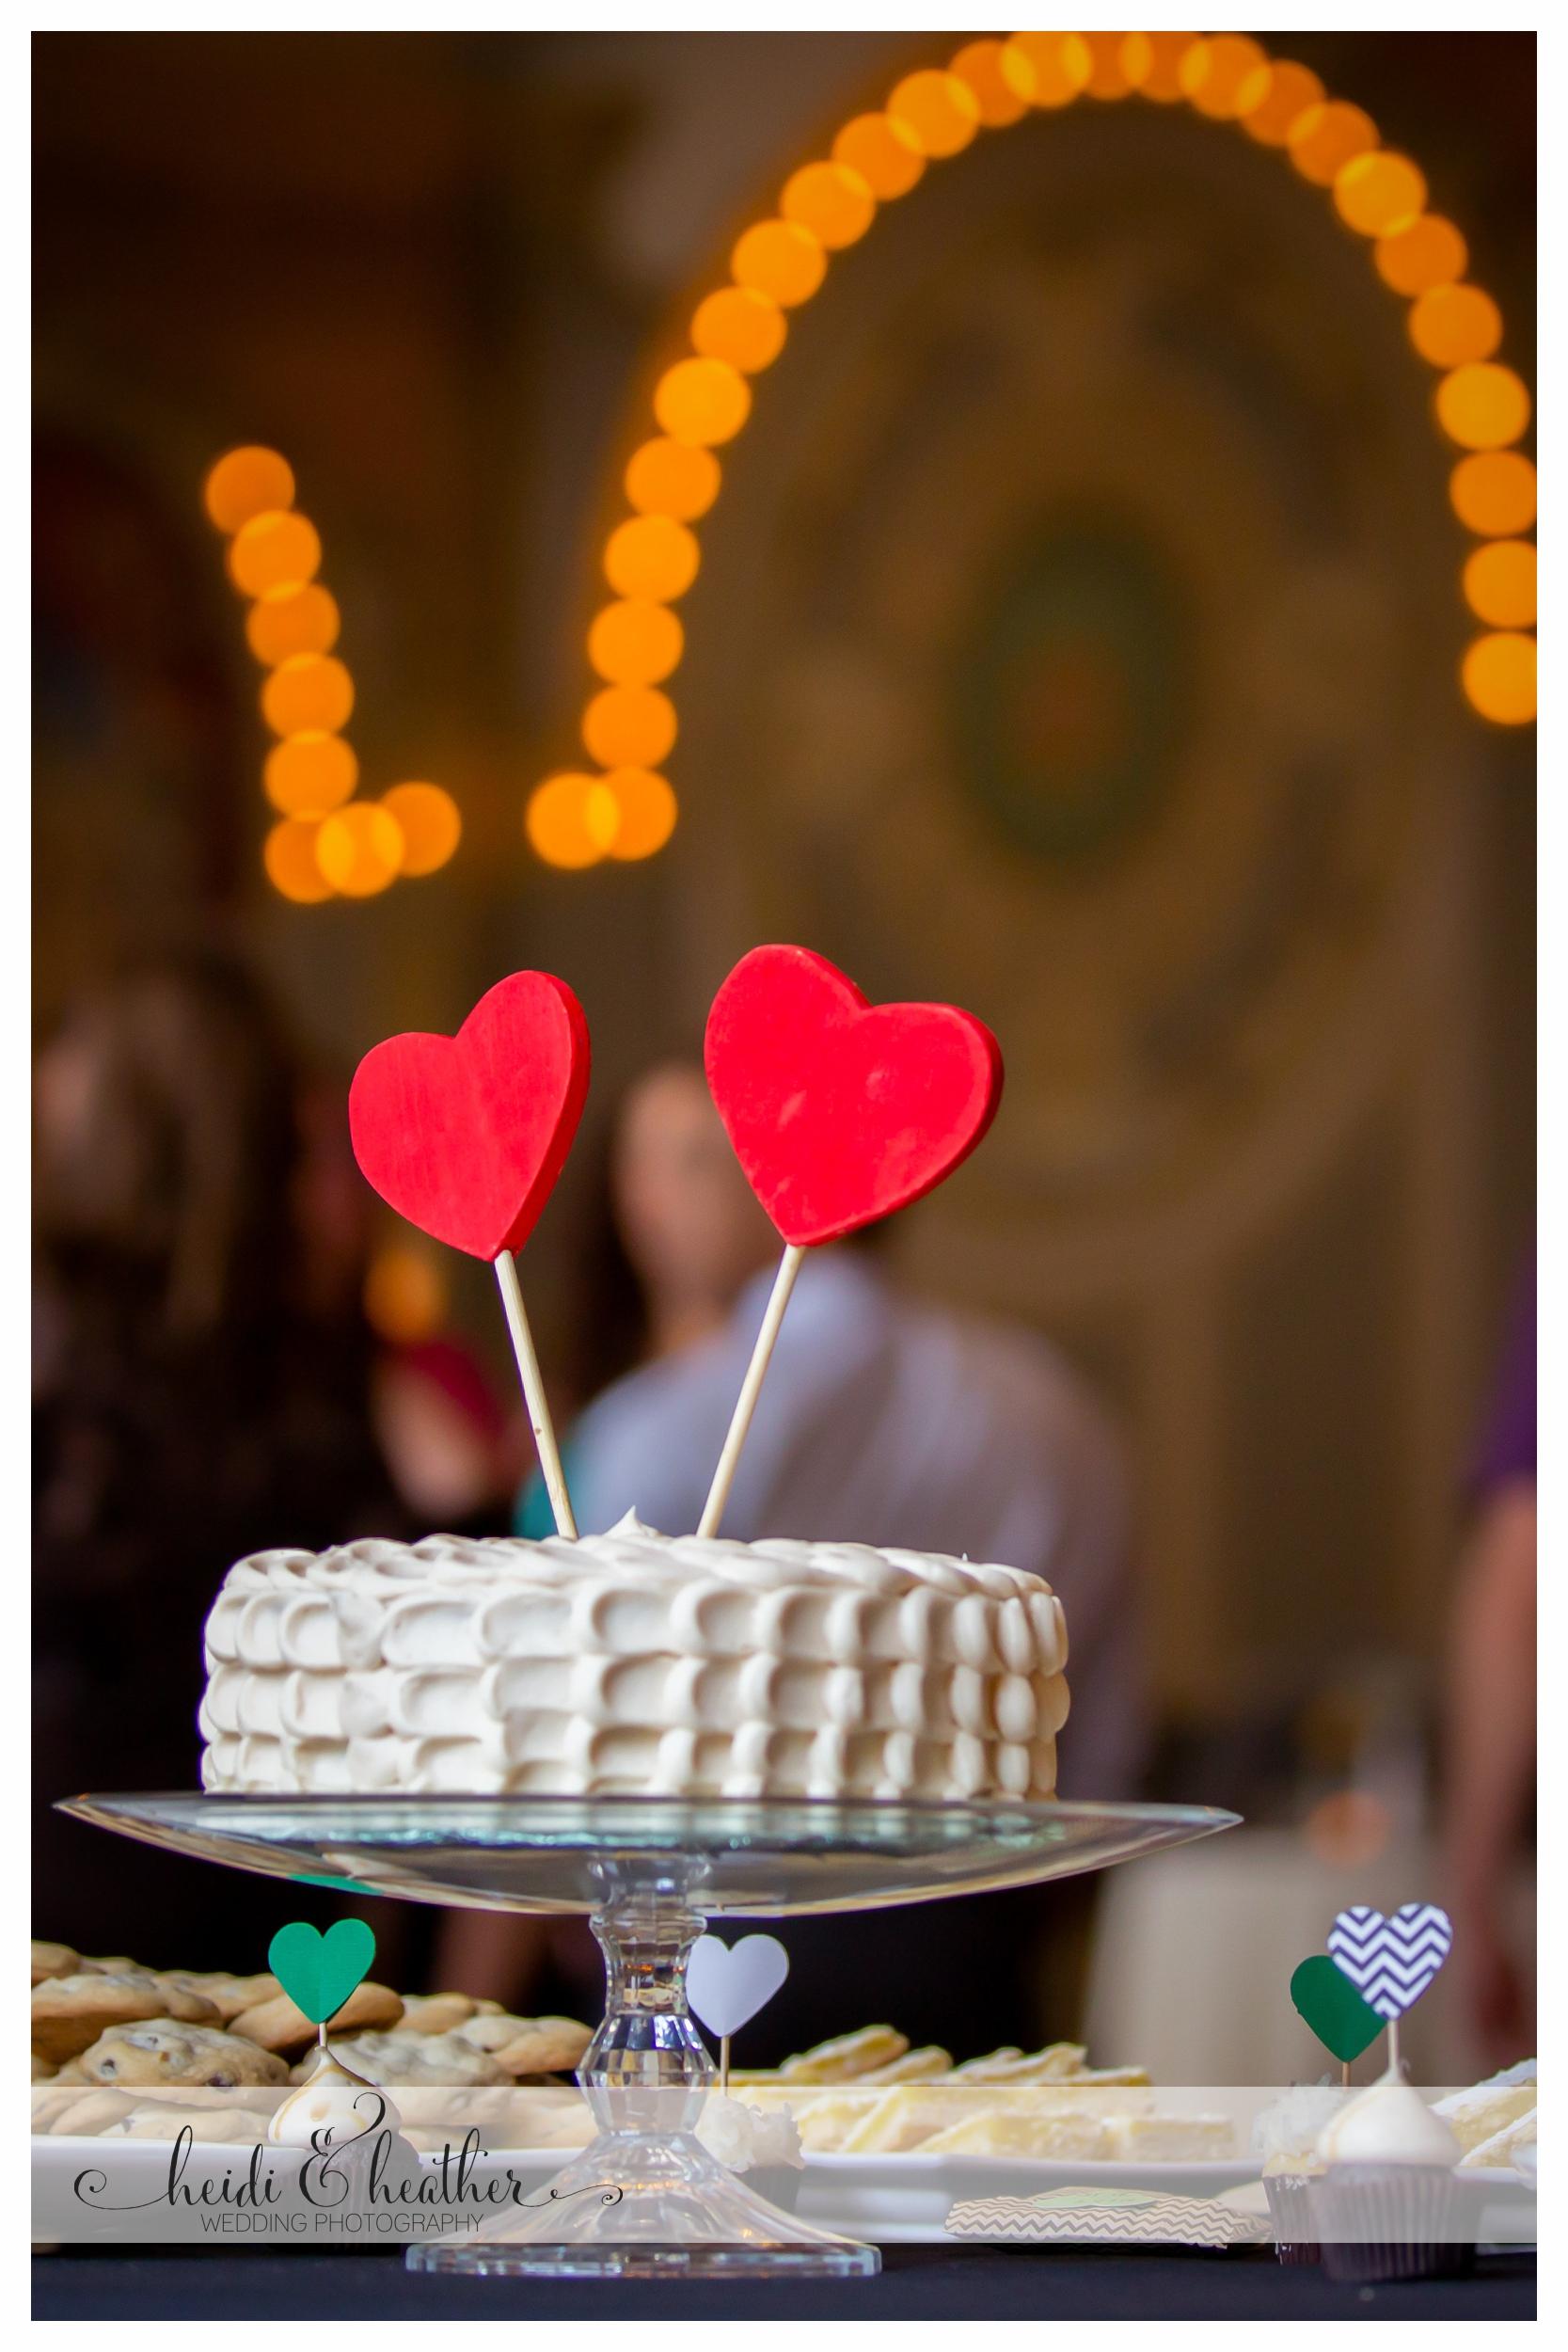 Padilla-P WEDDING Sweet Details-0002.jpg